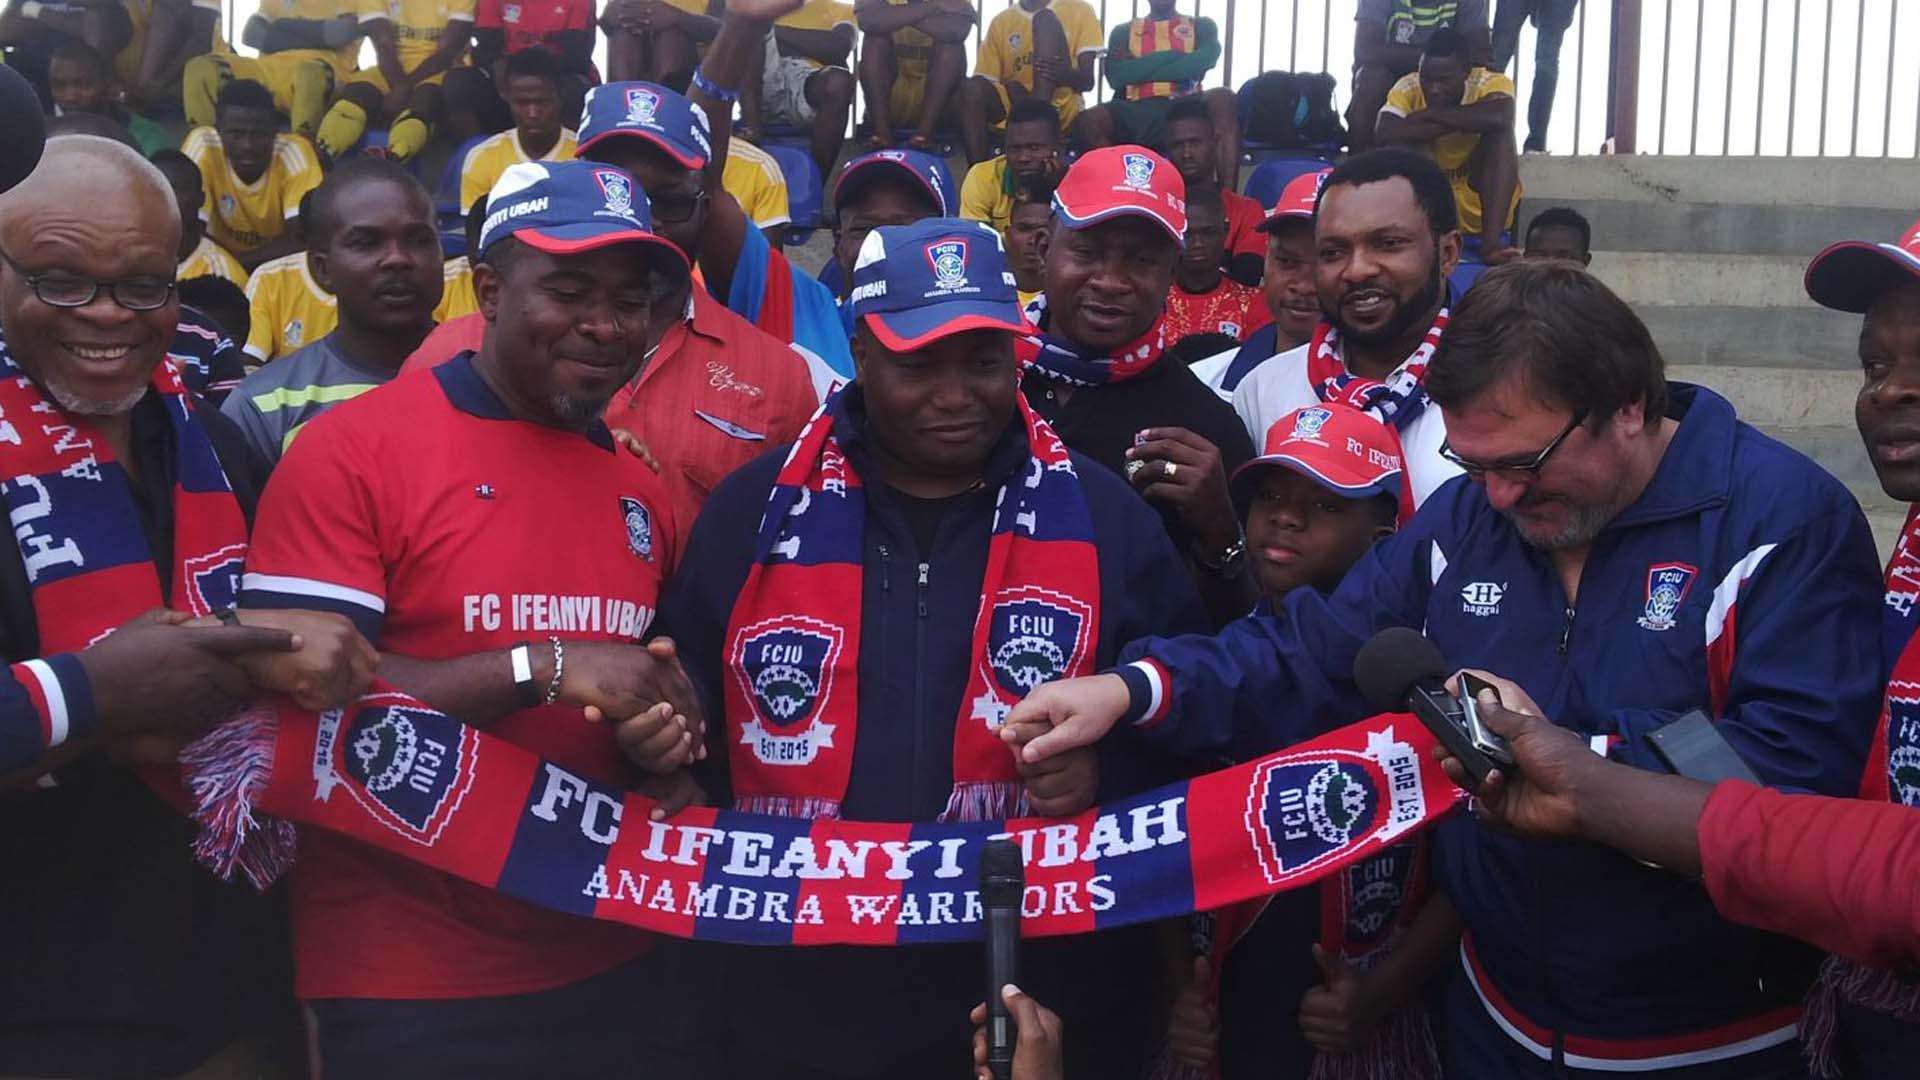 Dr.Patrick Ifeanyi Ubah Owner of Ifeanyi Ubah FC